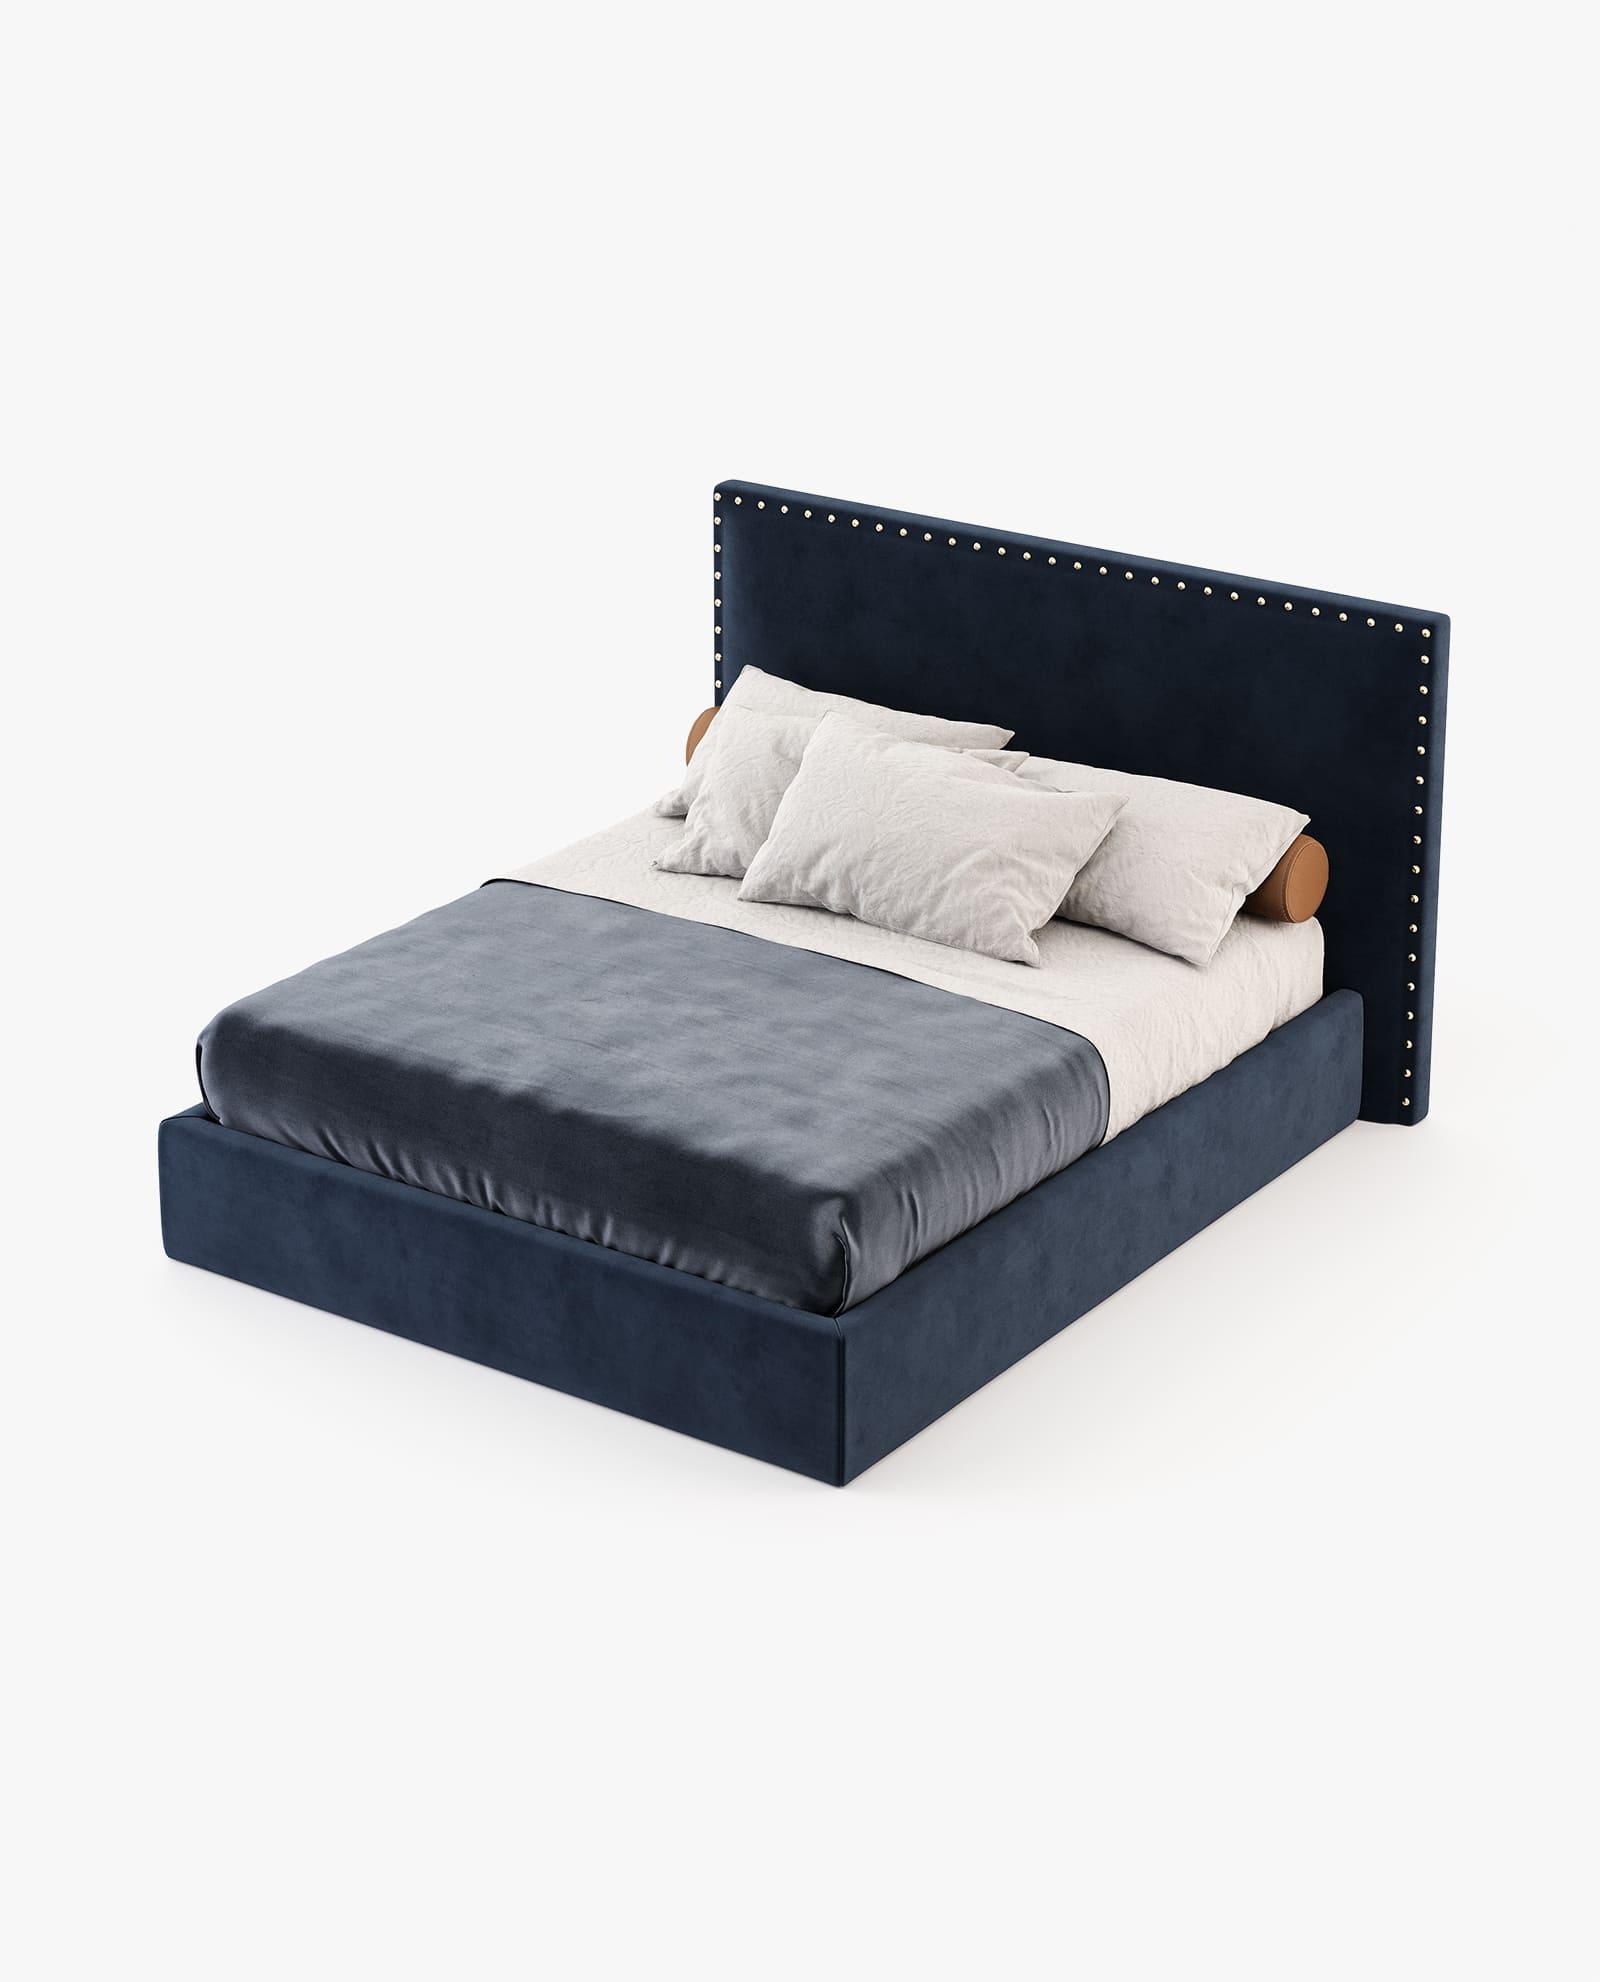 cama em veludo azul marinho para quarto moderno